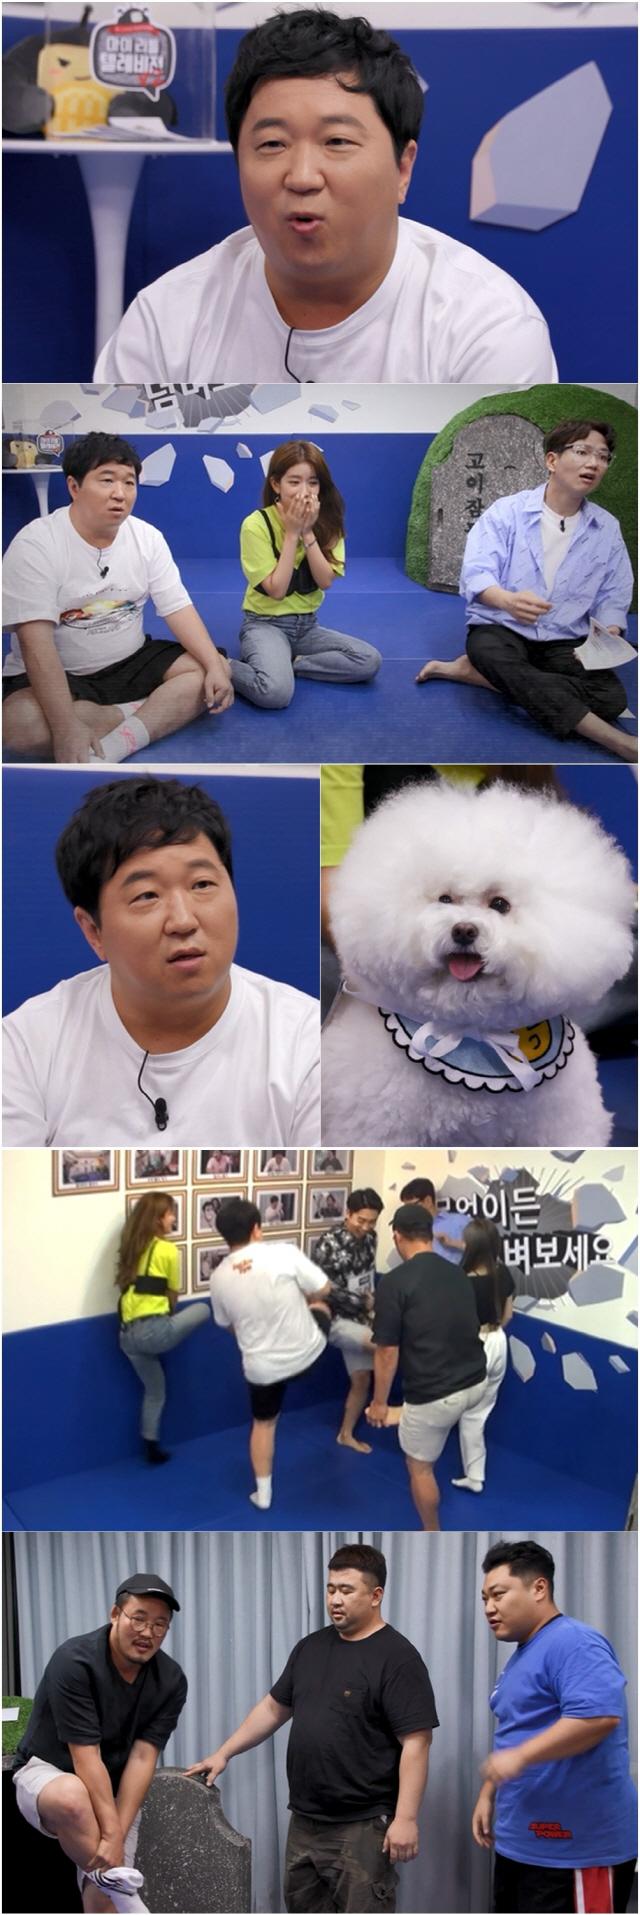 '마리텔2' 정형돈, 연승 텐션 ON..'승리는 도니의 것'